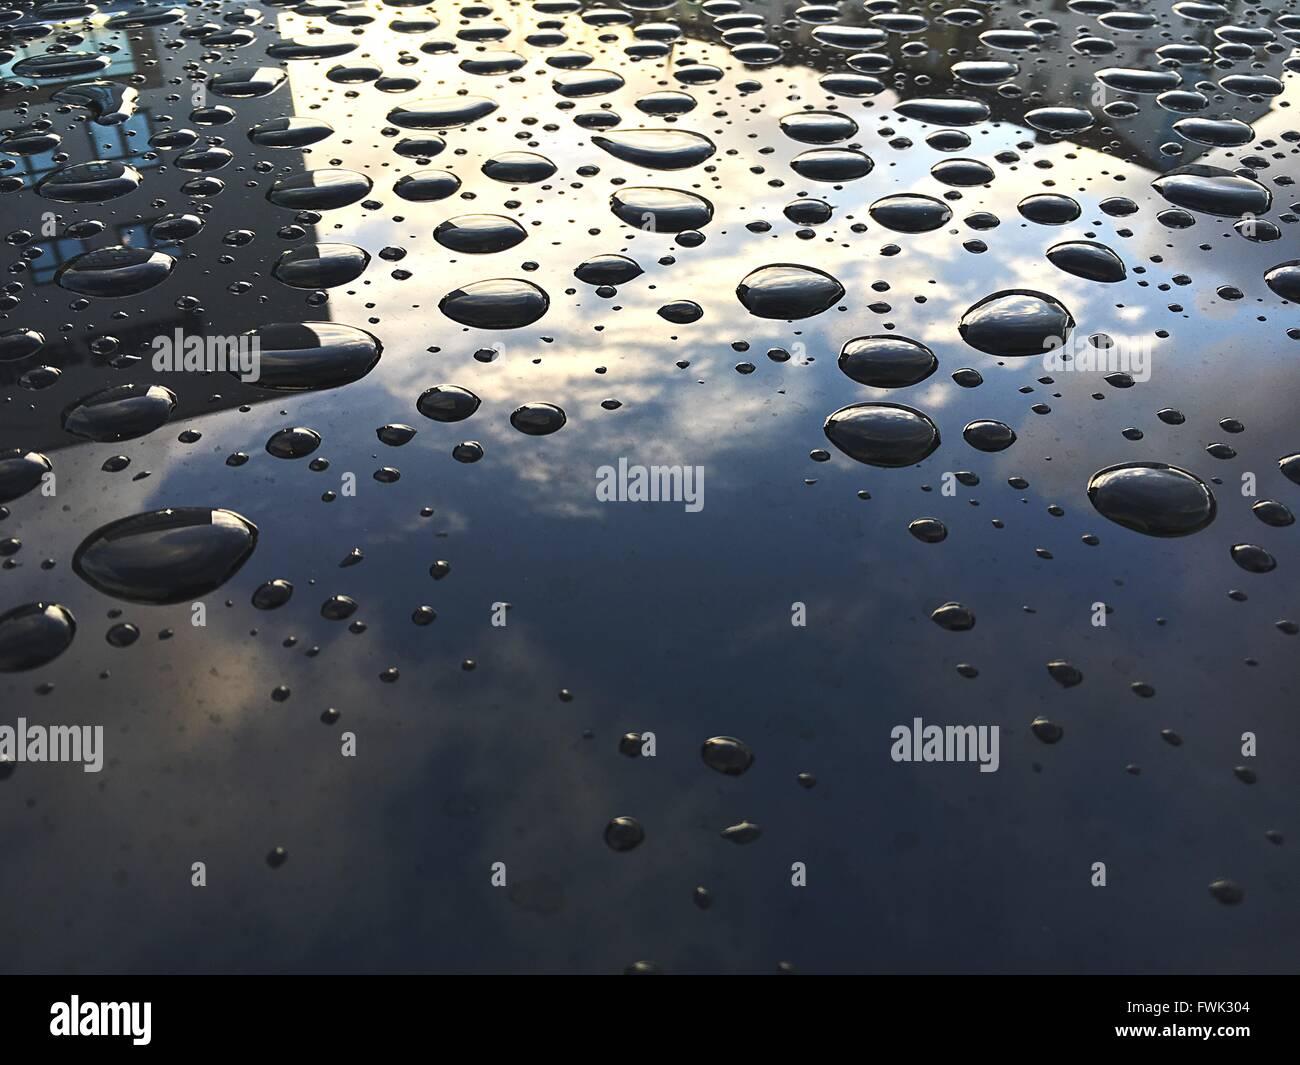 Plan de gouttes d'eau sur un capot de voiture Photo Stock